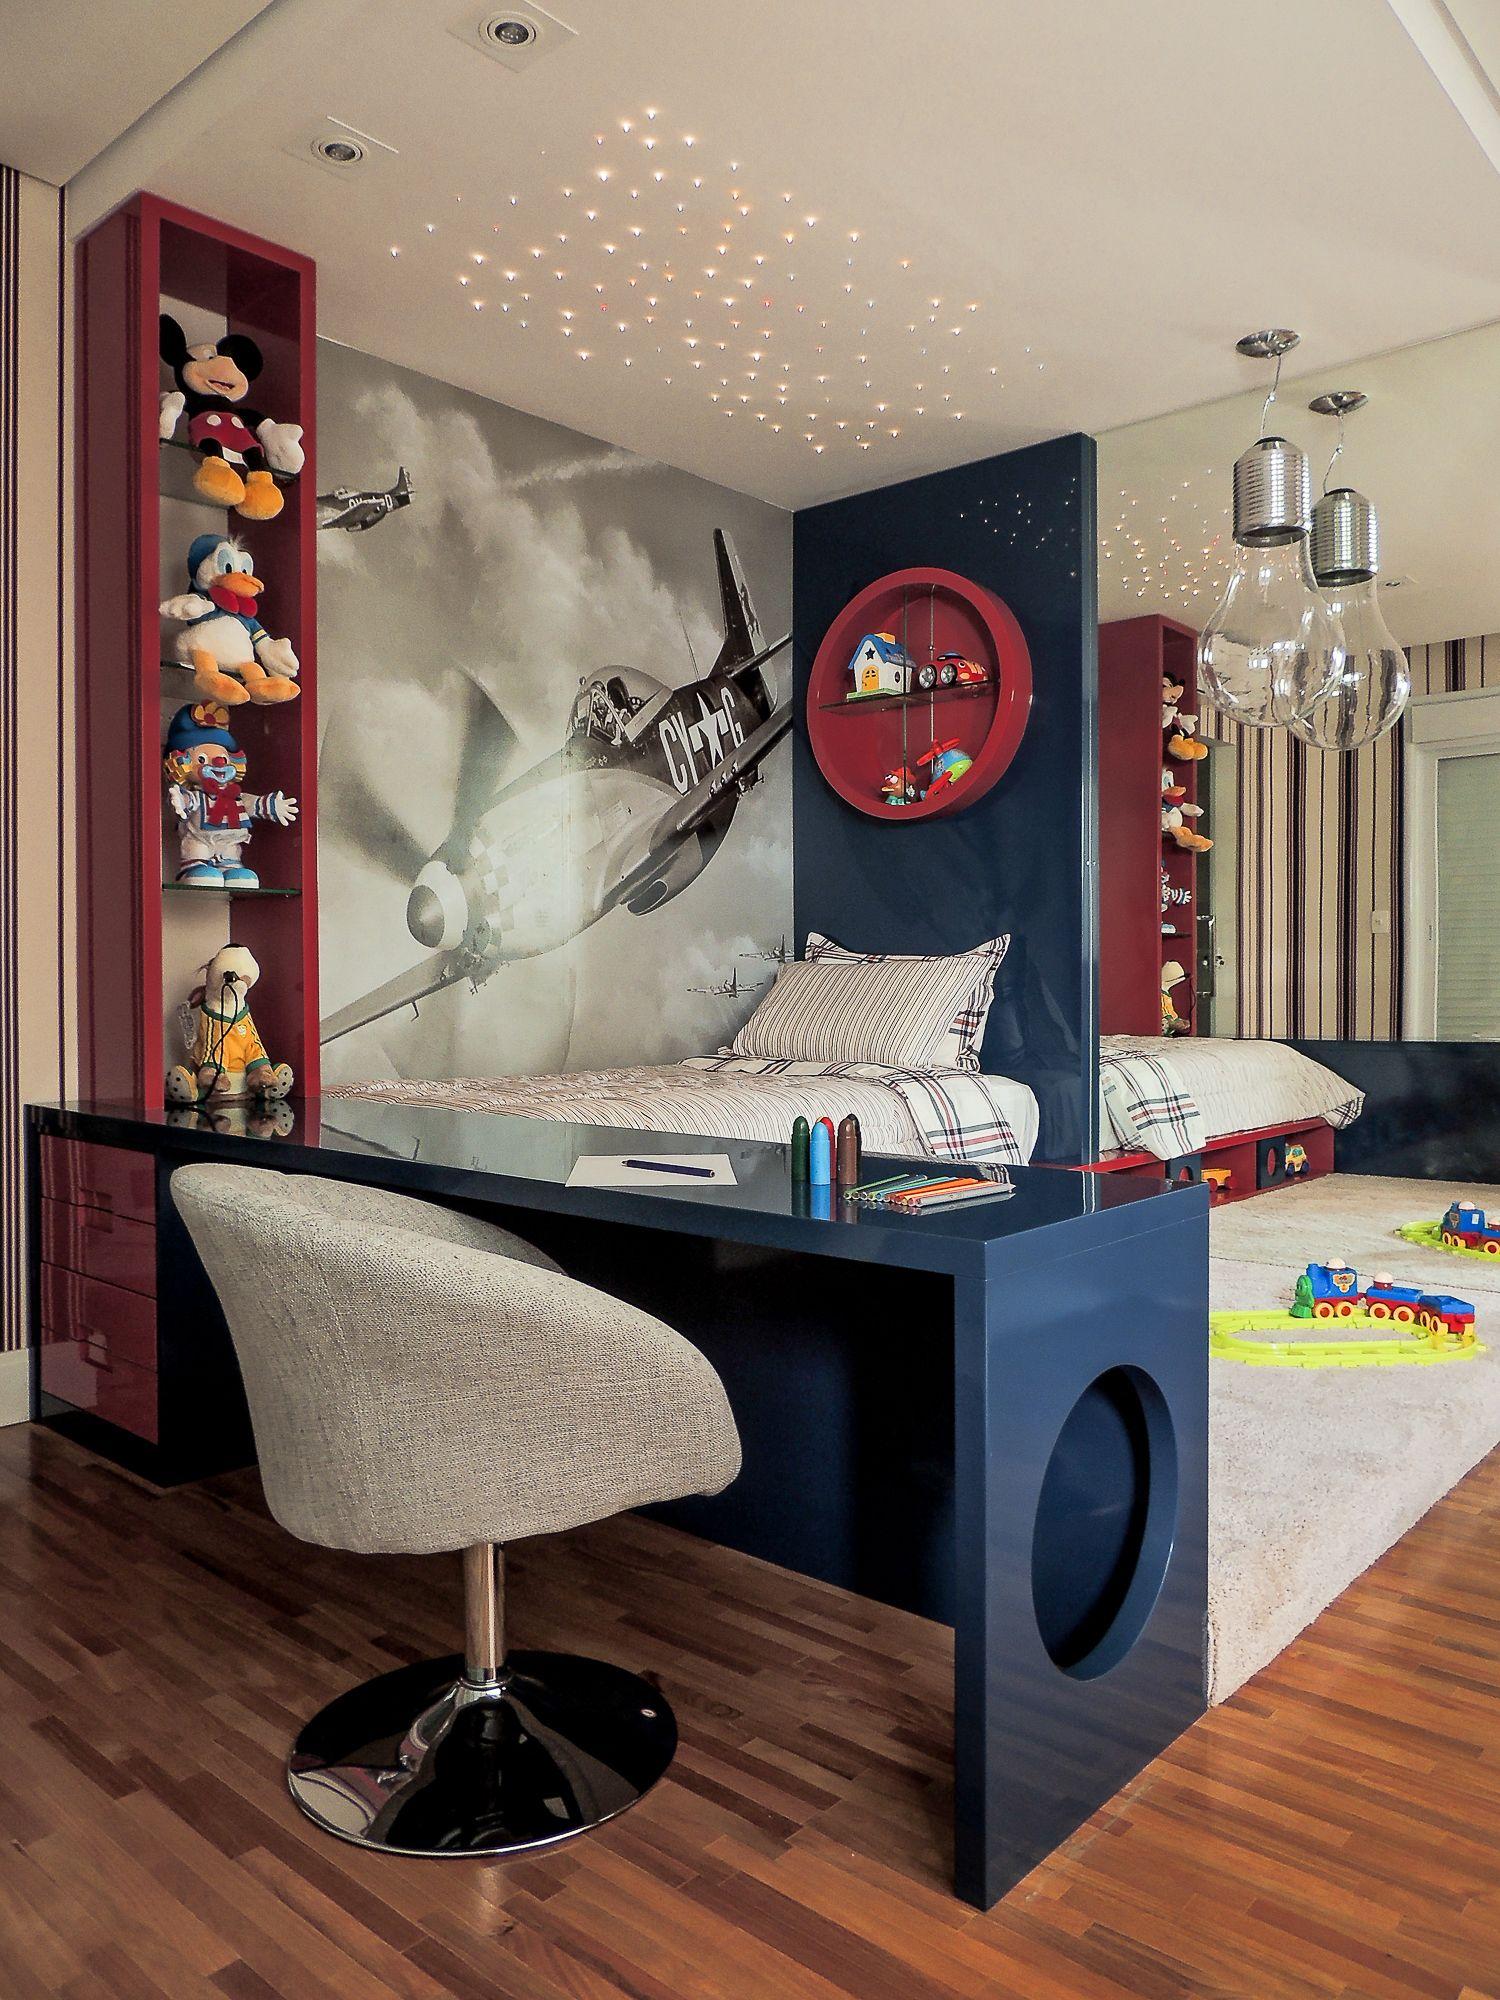 Quarto De Menino Interior Design Pinterest Quarto De Meninos  ~ Modelos De Quarto De Criança E Iluminação Quarto Jovem